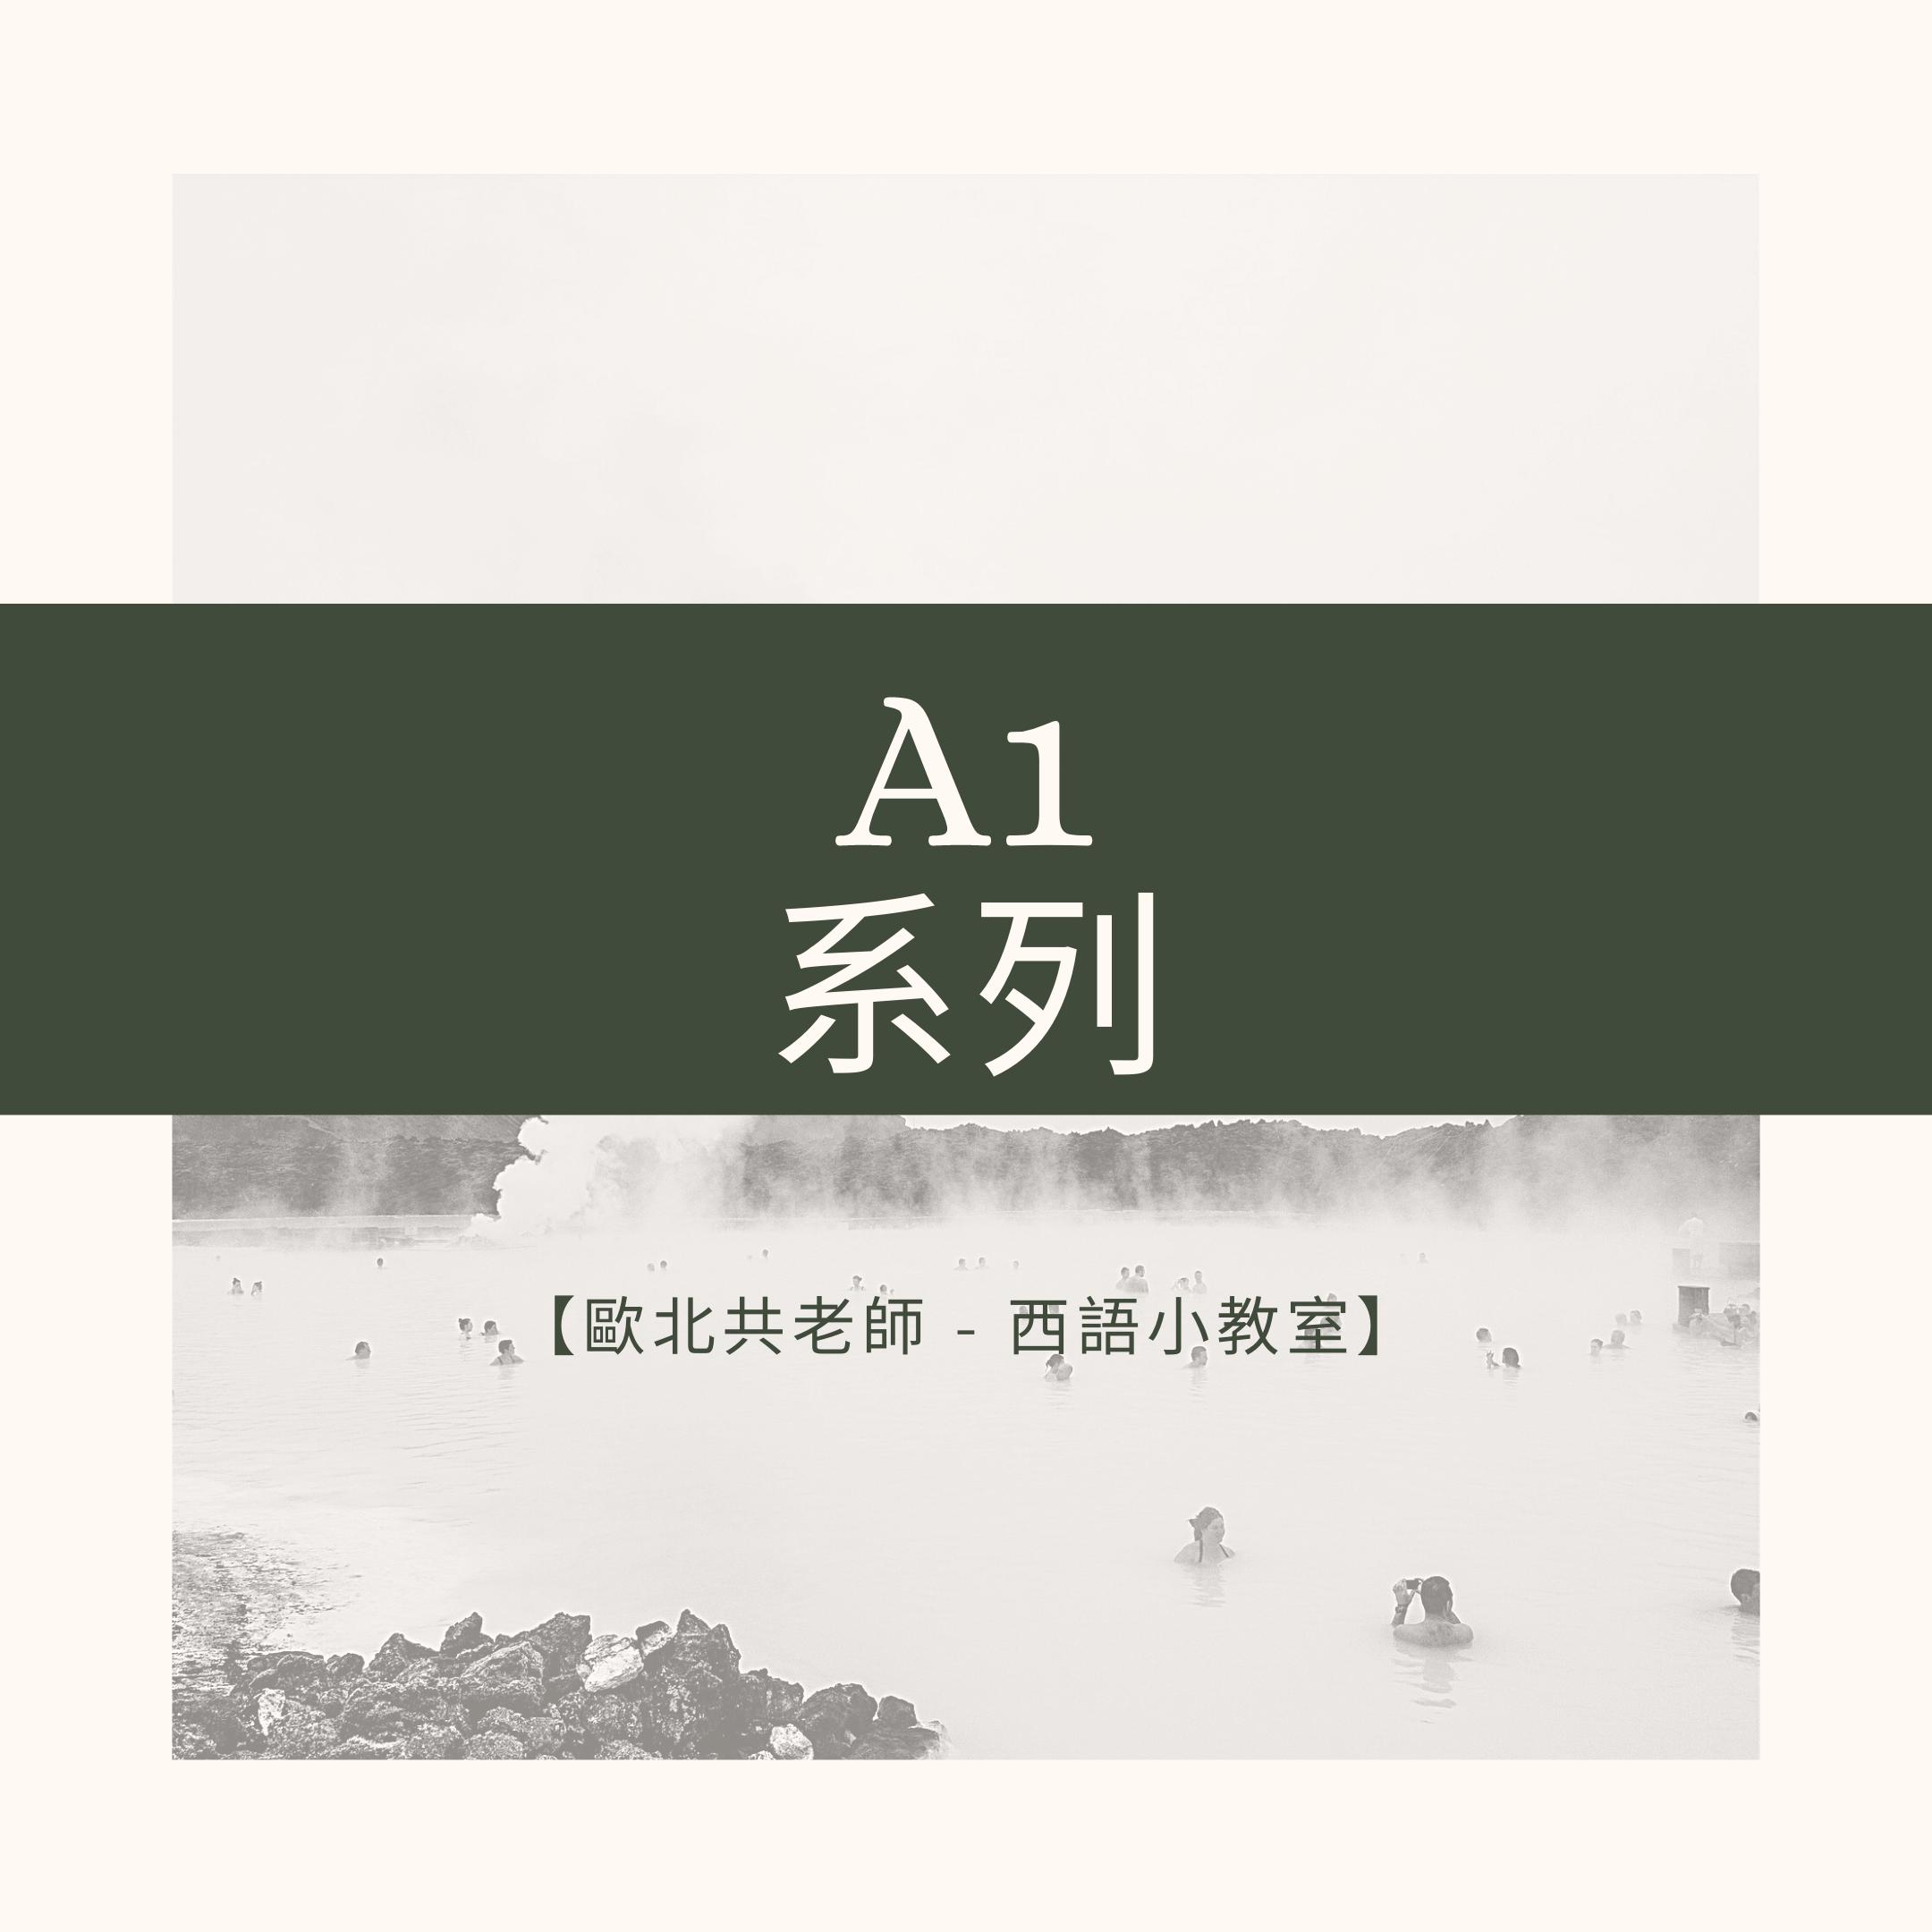 【#5Episode】- A1 教學系列 (聽力練習)